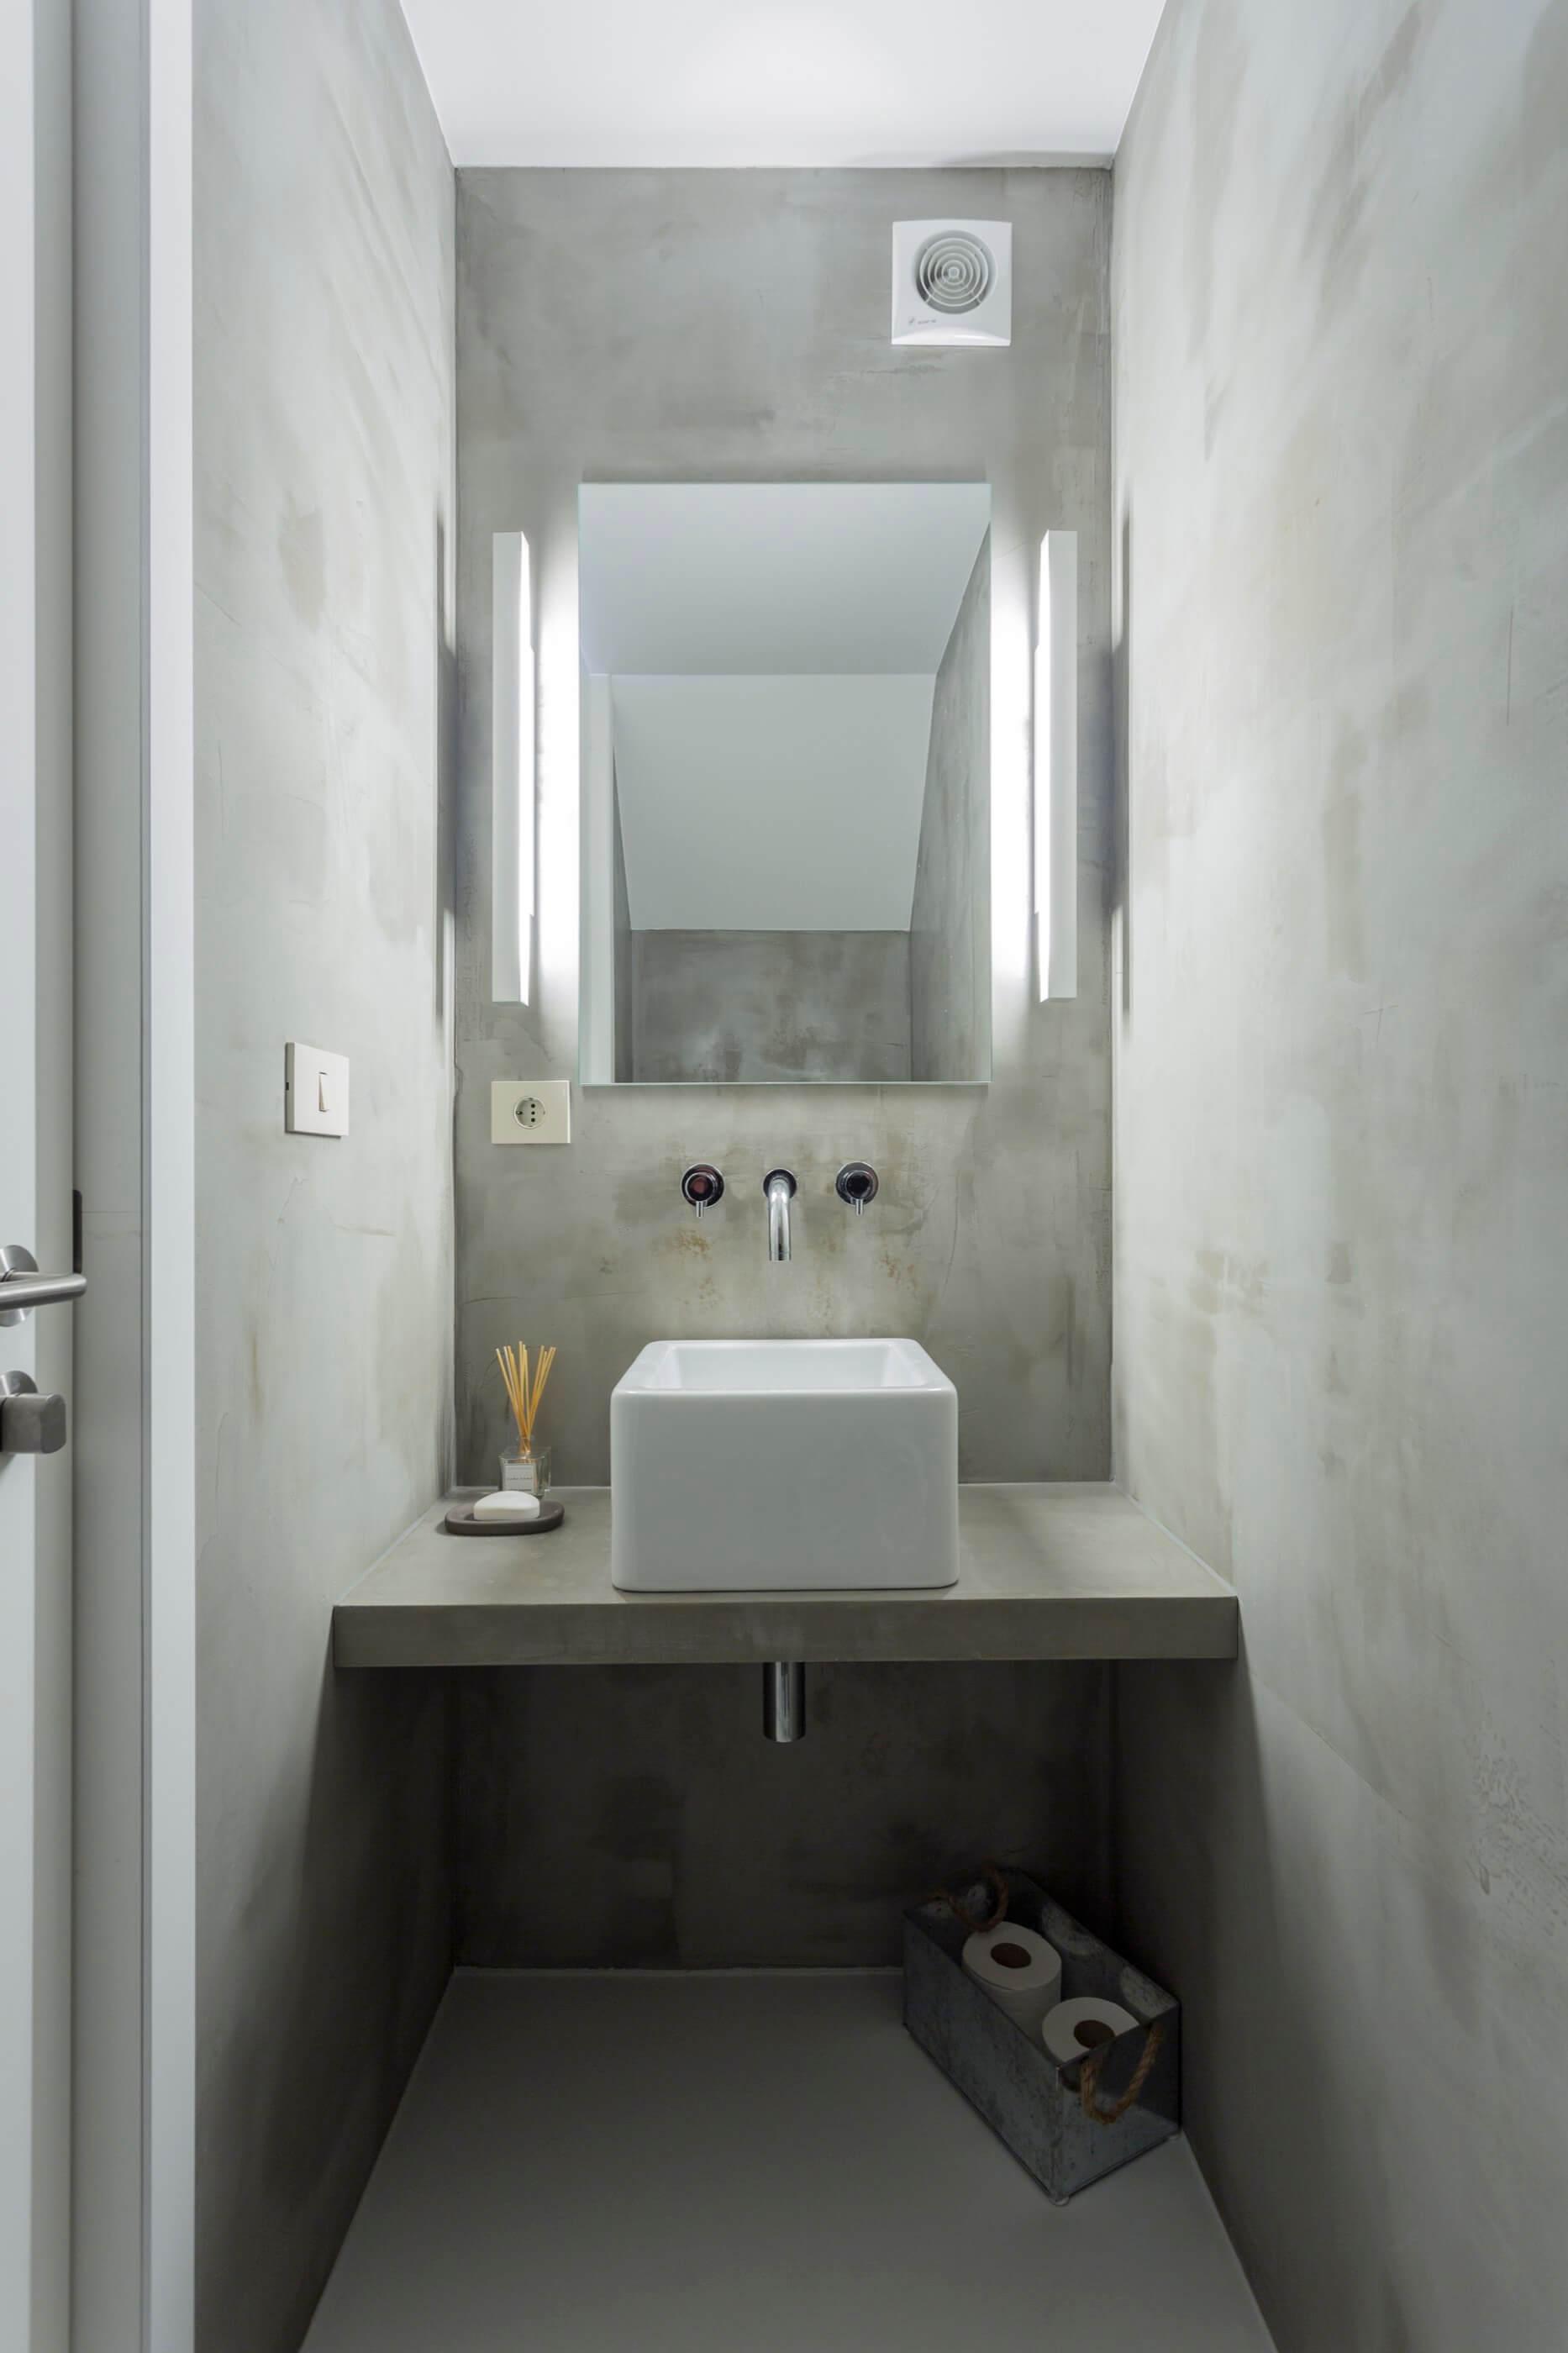 Arquitecto Lousinha Casa Fontes 25 do fotografo Ivo Tavares Studio